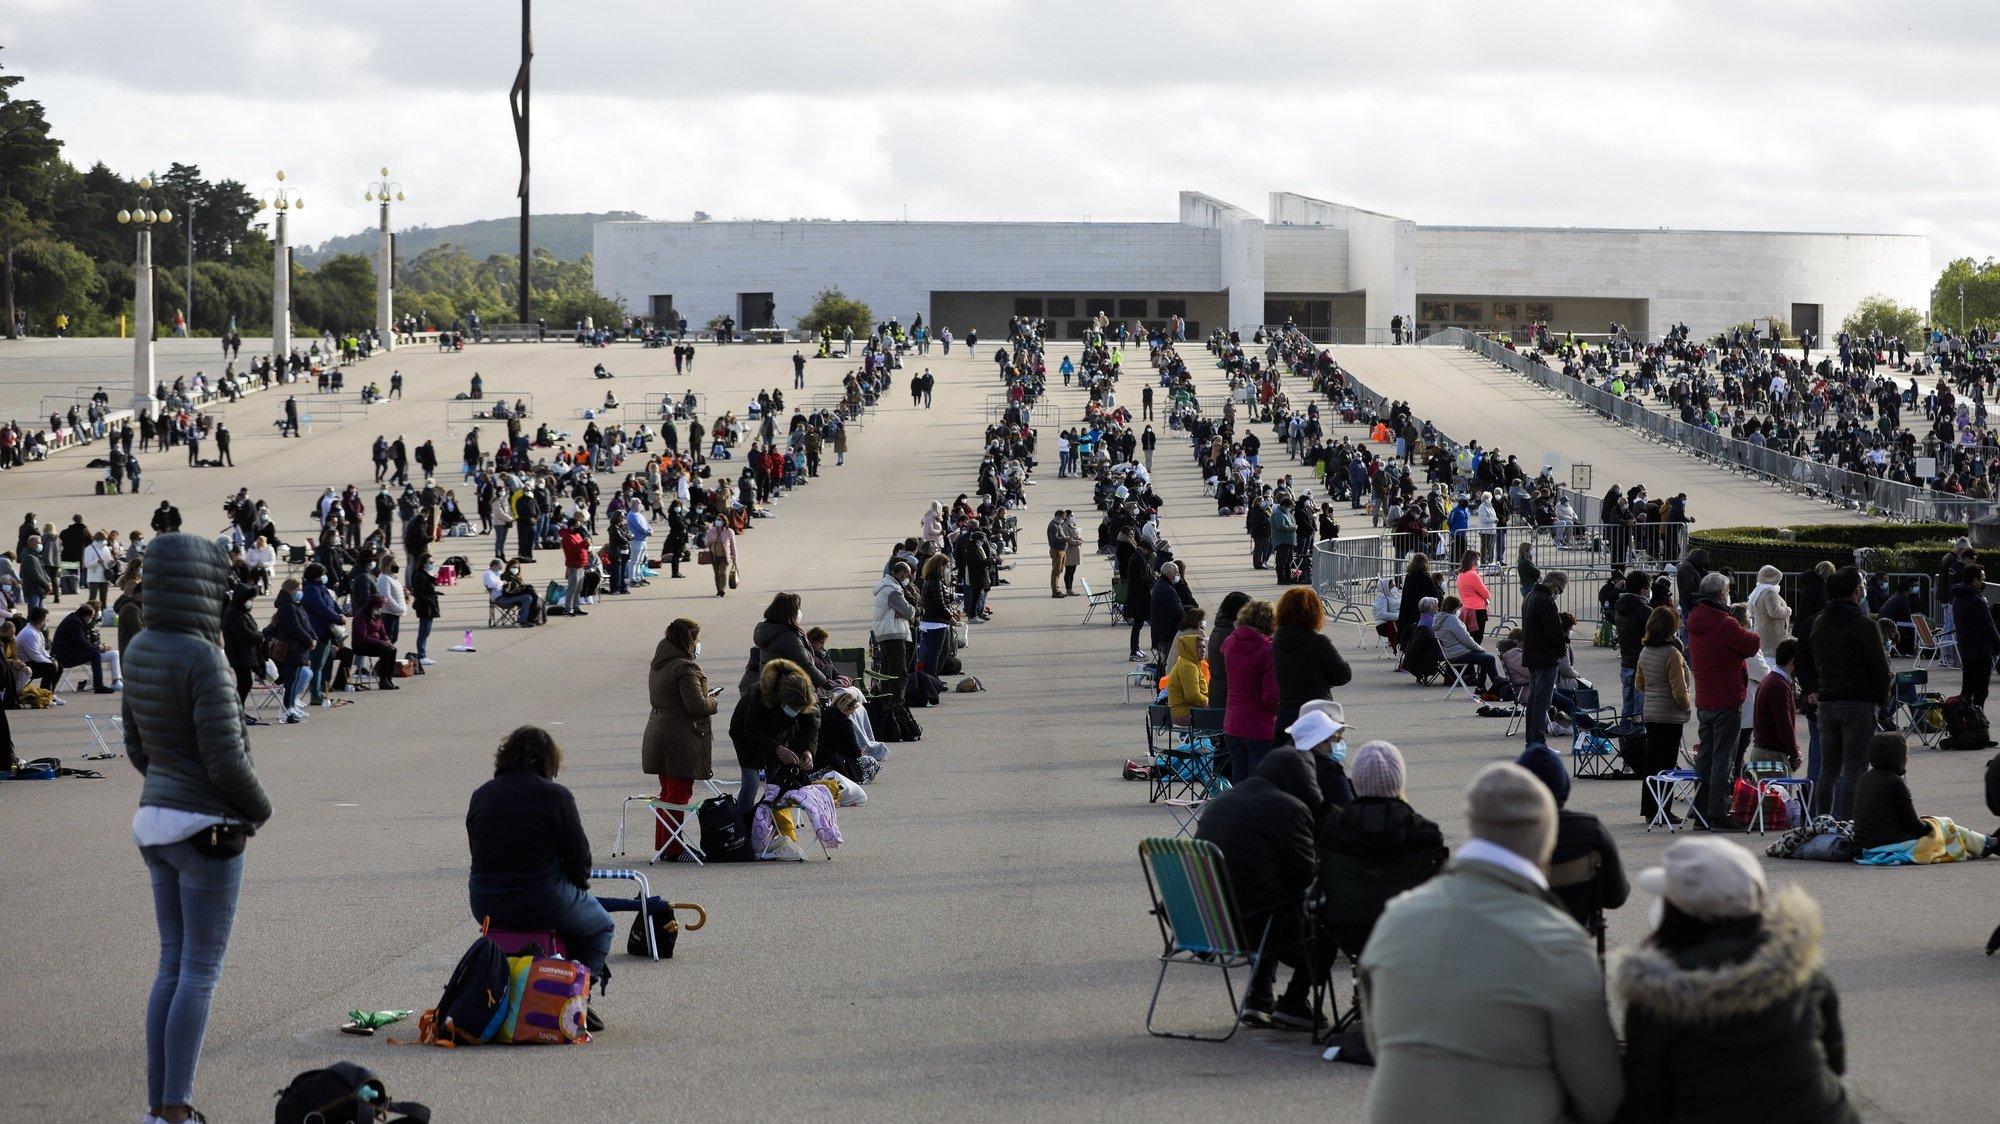 Peregrinos rezam no Santuário de Fátima, no inicio da peregrinação internacional dos dias 12 e 13 de maio que vai ser celebrada com lotação limitada a 7500 pessoas, devido às restrições impostas pela pandemia e será presidida pelo cardeal português D. José Tolentino Mendonça, em Fátima, Santarém, 12 de maio de 2021. PAULO CUNHA /LUSA